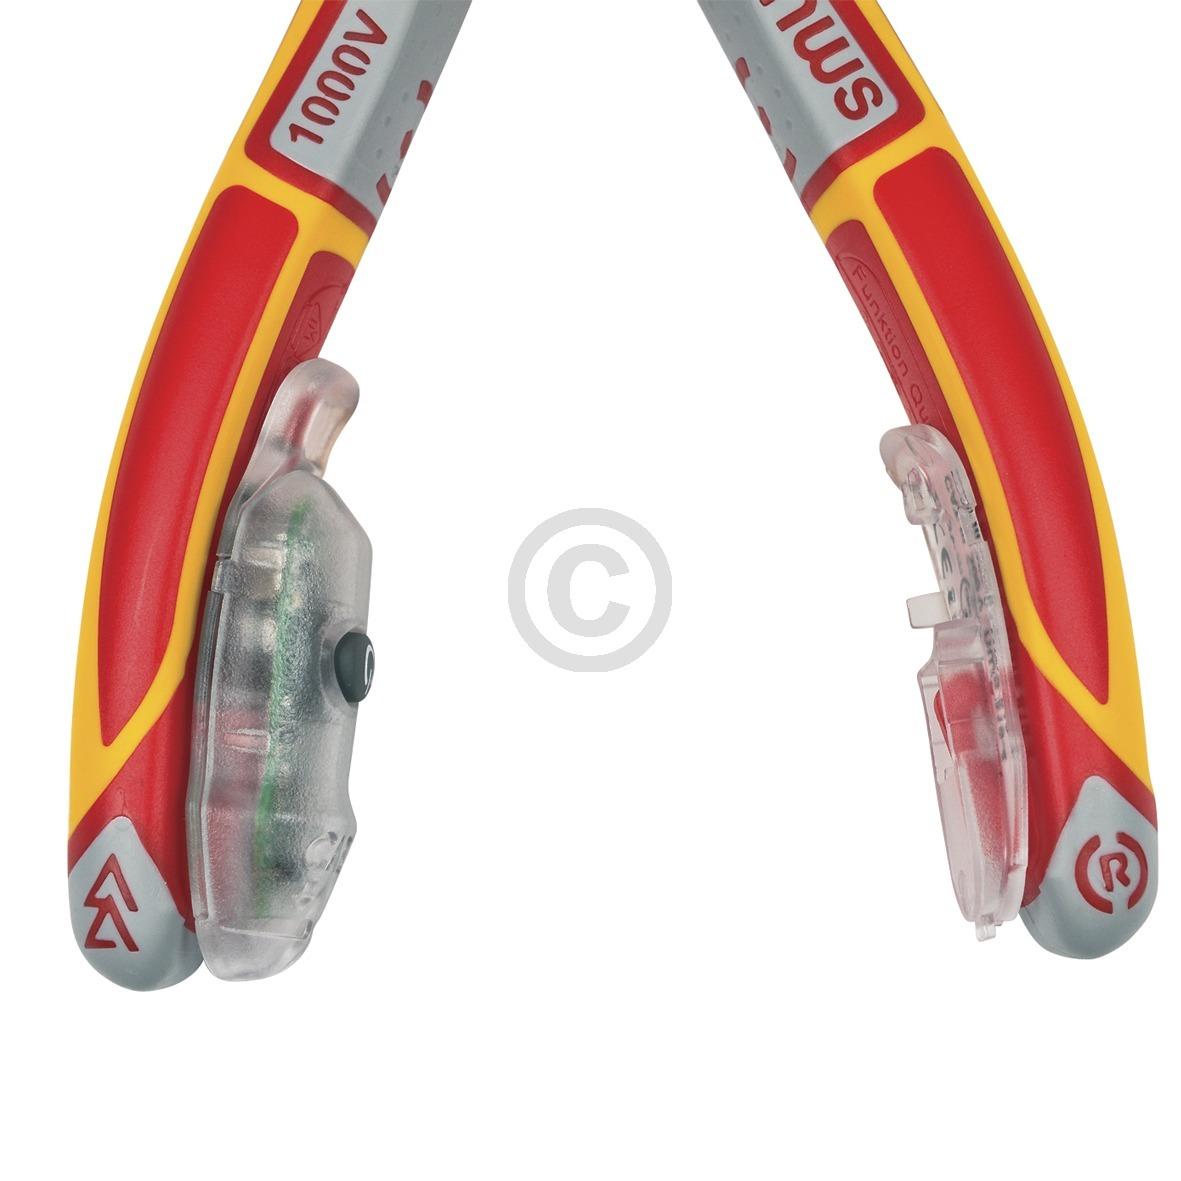 Zangensatz NWS 782 VDE Seitenschneider Telefonzange Kombizange E-Detektor